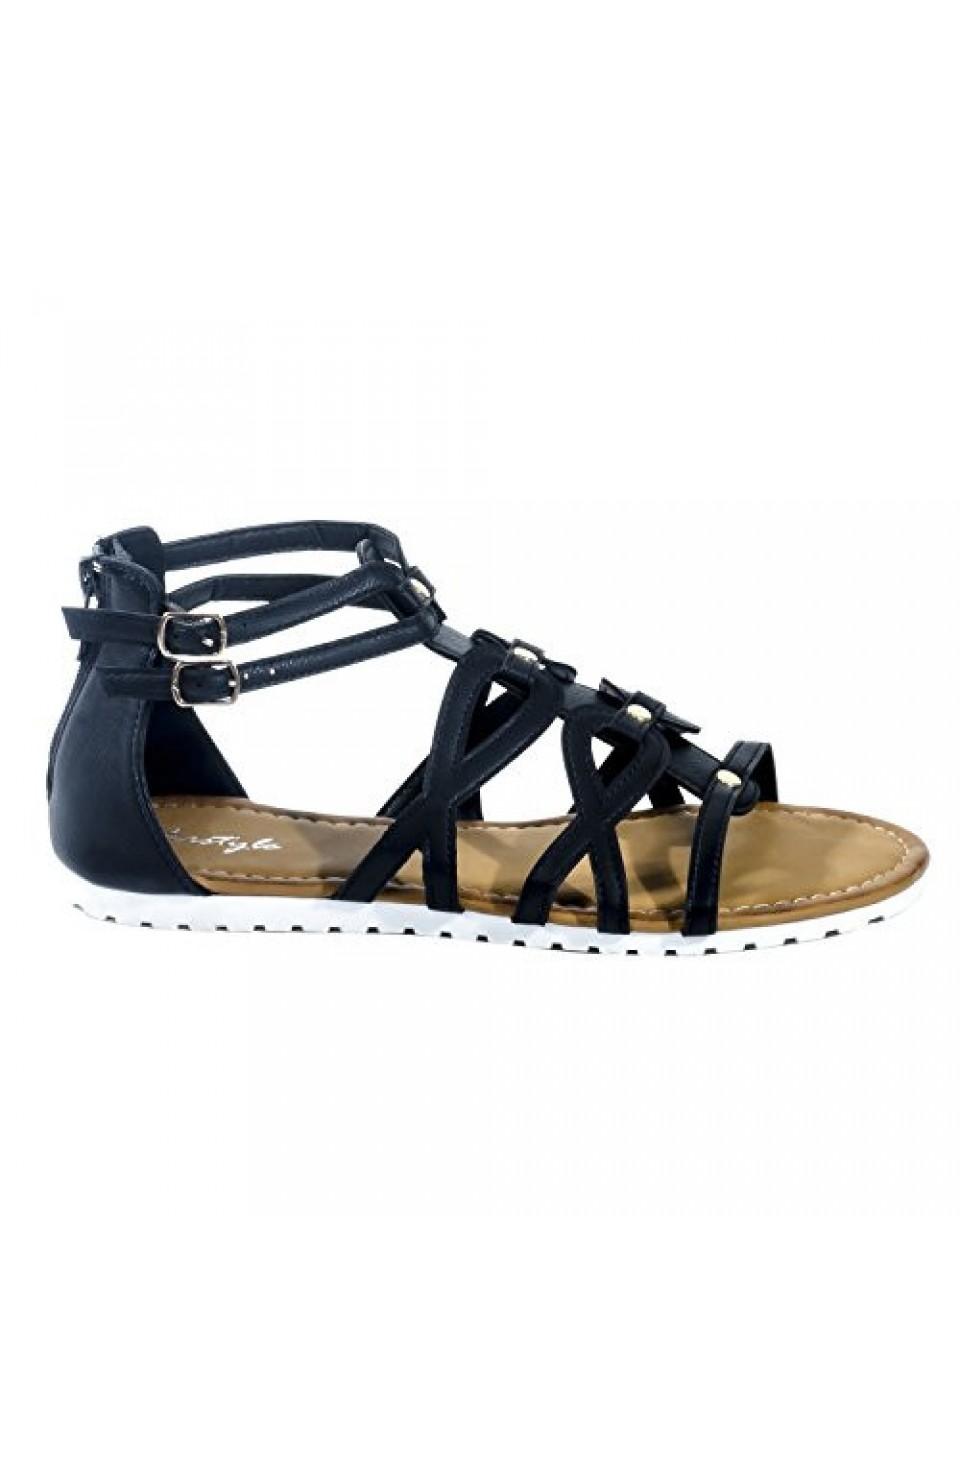 Women's Black Manmade Gwennaa Gladiator Sandal with Metallic Studs